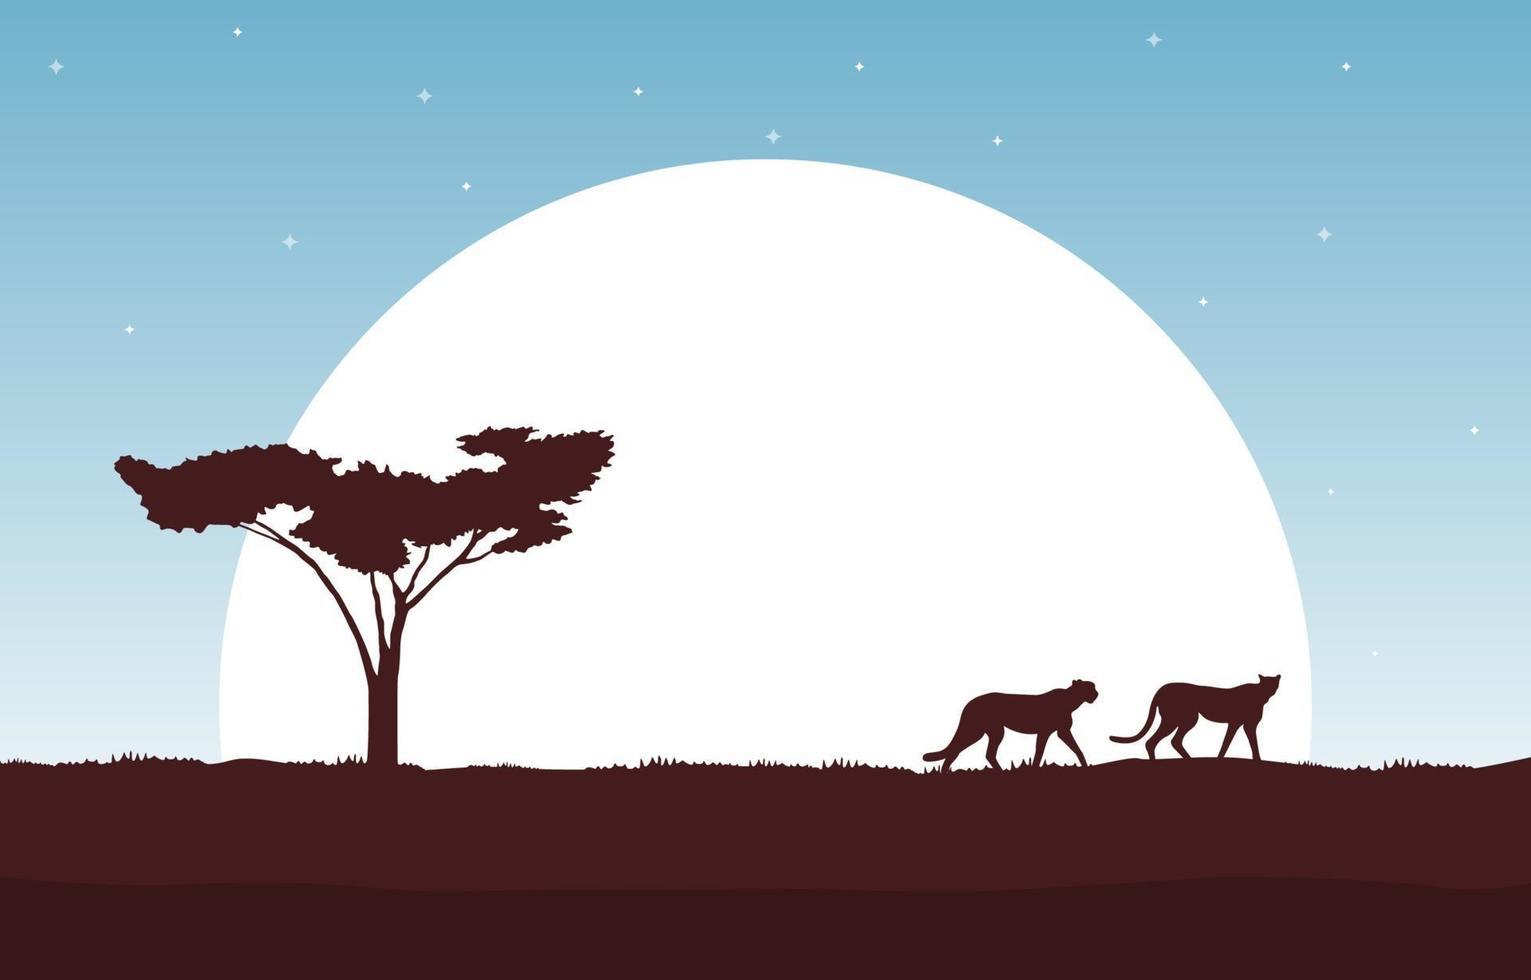 geparder i afrikansk savann med träd och stor solillustration vektor